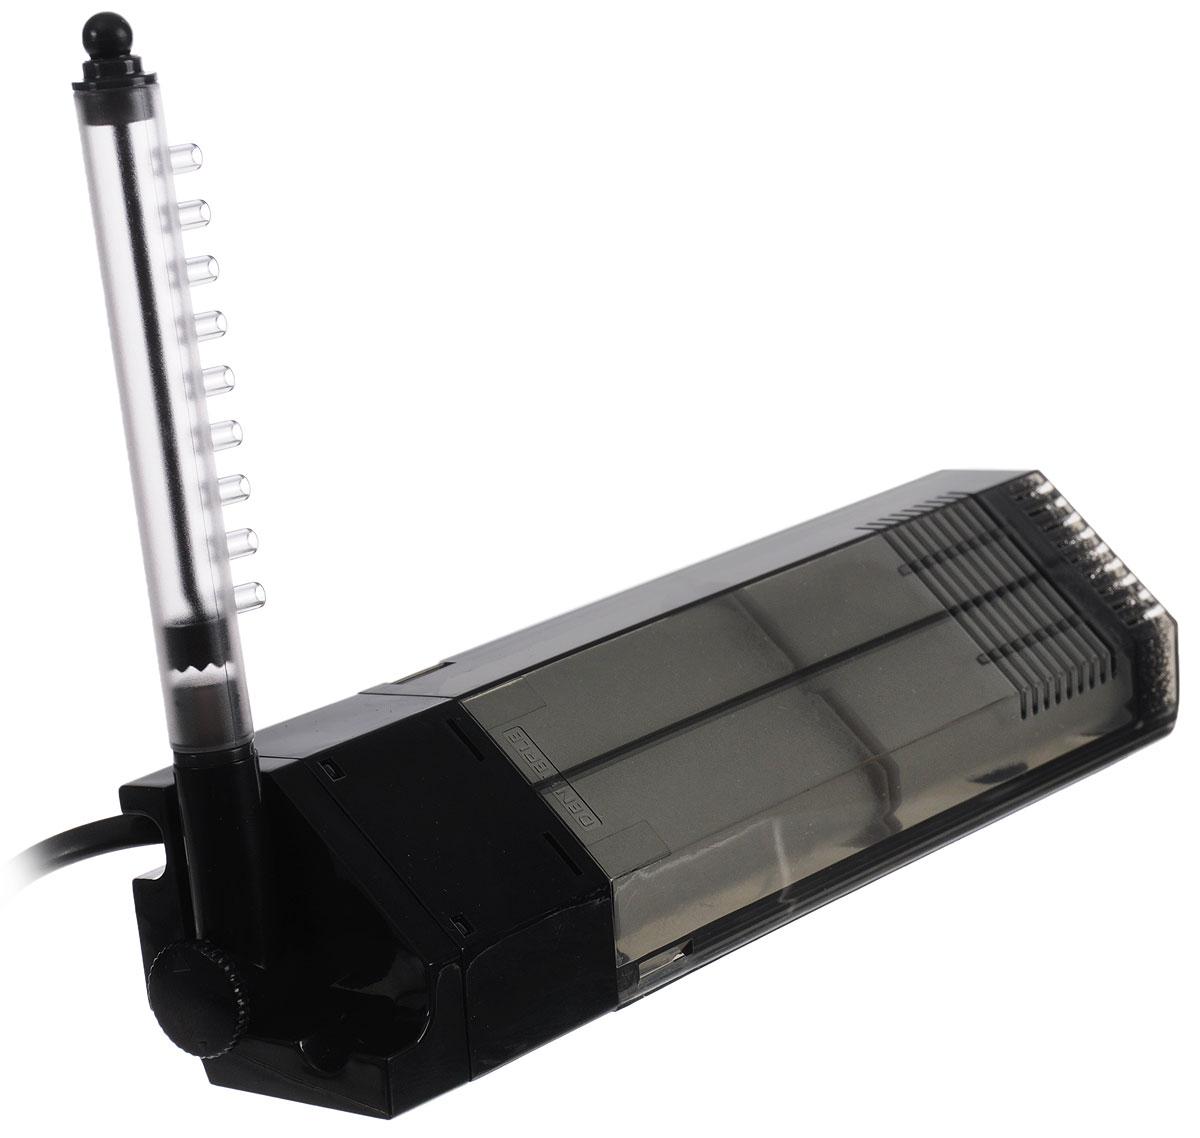 Фильтр для аквариумов Dennerle Nano Eckfilter XL, угловой, 30-60 лDEN5860Фильтр для аквариумов Dennerle Nano Eckfilter XL - это производительный, бесшумный, компактный фильтр с обширной поверхностью для рассеивания полезных бактерий. Безопасен для раков и креветок. Два сменных фильтрующих элемента предназначены для обеспечения постоянной чистоты фильтра. Фильтры чистятся отдельно, что обеспечивает постоянное высокое качество воды. Объем пропускаемой через фильтр воды регулируется, выпуск фильтра поворачивается на 90°. Заборная трубка снабжена встроенным клапаном для удобства очистки фильтра. Кроме того, это энергосберегающий прибор, потребляющий всего 2 ватта электроэнергии. В комплекте инструкция на иностранных языках. Длина провода: 1,4 м.